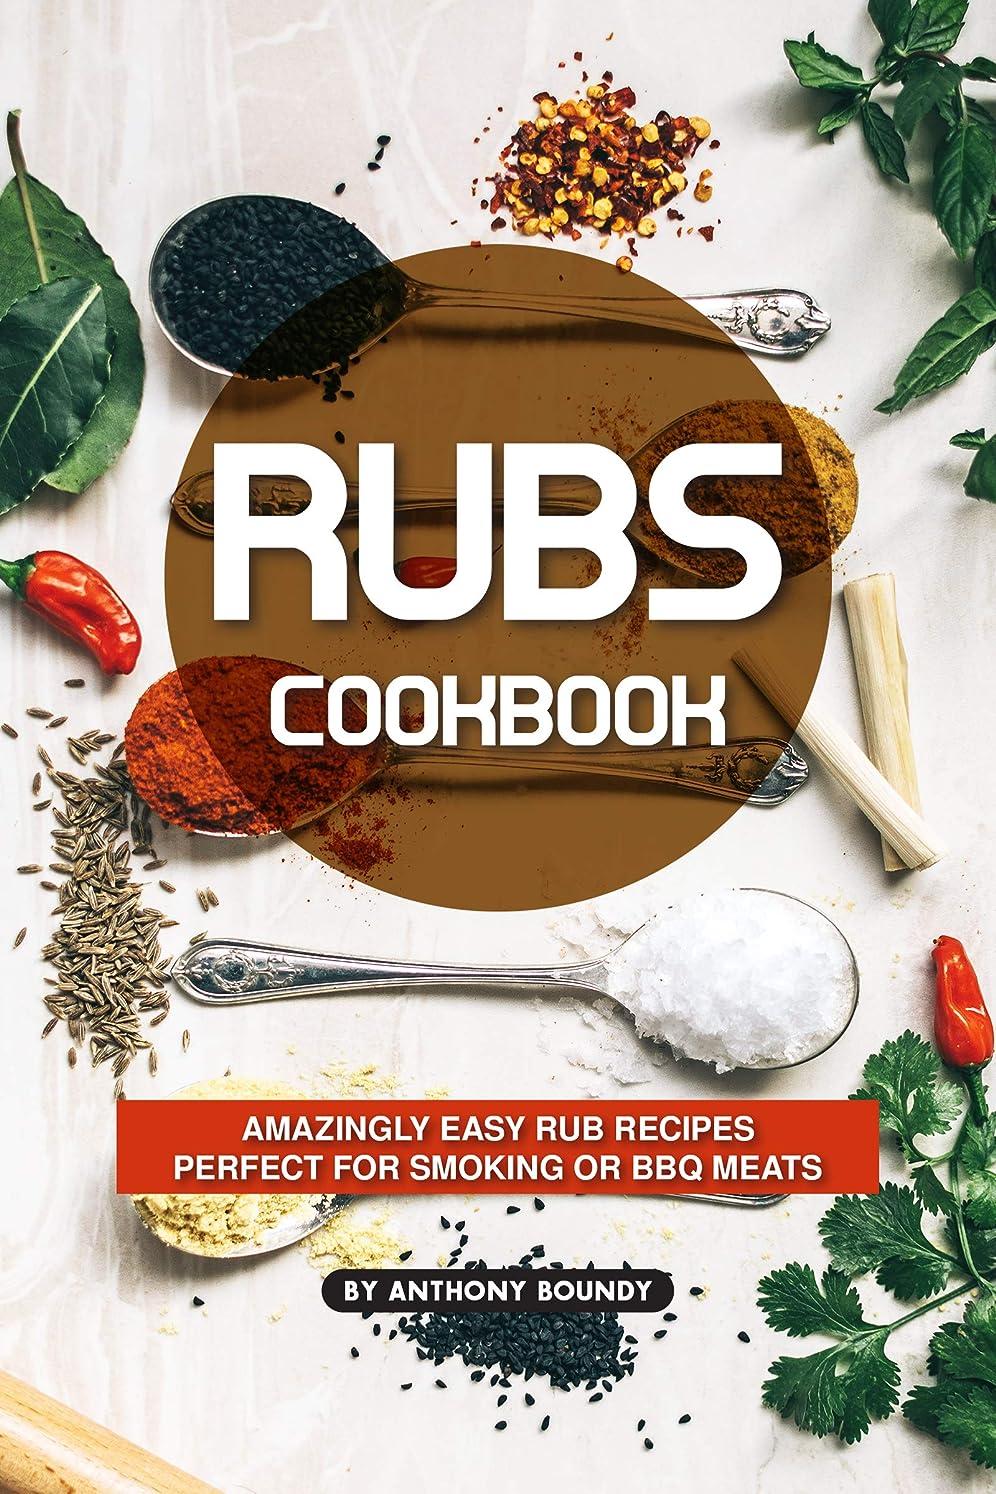 すごいクック上陸Rubs Cookbook: Amazingly Easy Rub Recipes Perfect for Smoking or BBQ Meats (English Edition)